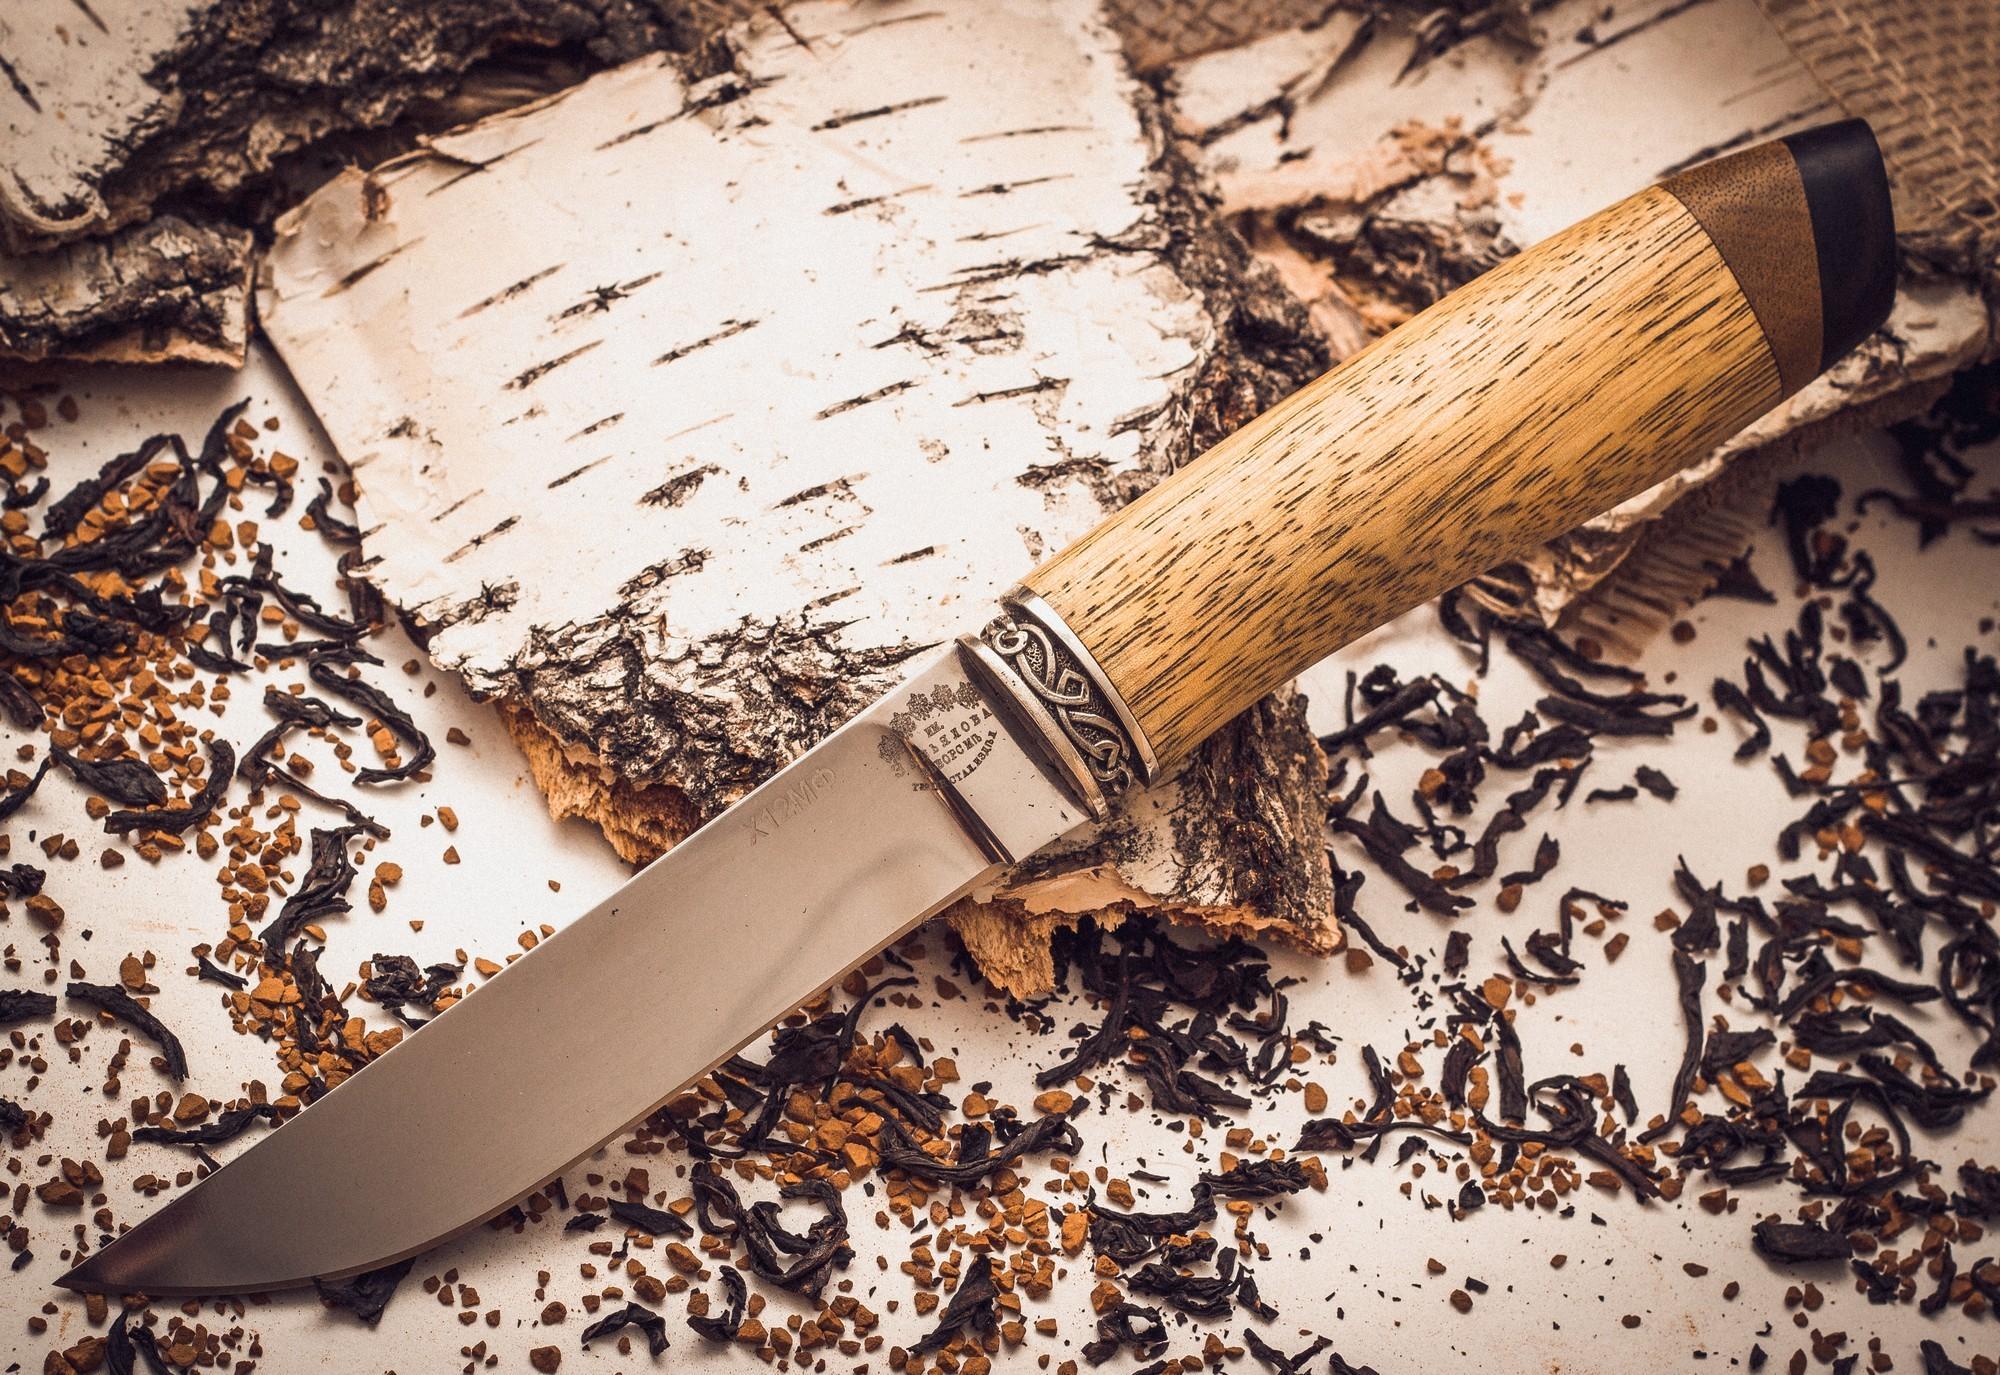 Нож Ладья-3, Х12МФ, рукоять абрикосНожи Ворсма<br>Именно так выглядели ножи северных охотников более столетия назад. На какое-то время эта традиция была утрачена и лишь совсем недавно на российском рынке стали появляться эти удобные и универсальные ножи. Только теперь клинки таких ножей изготавливают из прочных и надежных сталей, например Х12МФ. Использование этой стали в Ноже Ладья позволяет быть уверенным, что нож выдержит все испытания, которые выпадут на его долю. В этой модели нет ярких дизайнерских акцентов, но у нее есть своя брутальная красота. Погружные ножны северного типа изготовлены из прочной натуральной кожи. Использование ножен такого типа исключает возможность потери ножа.<br>